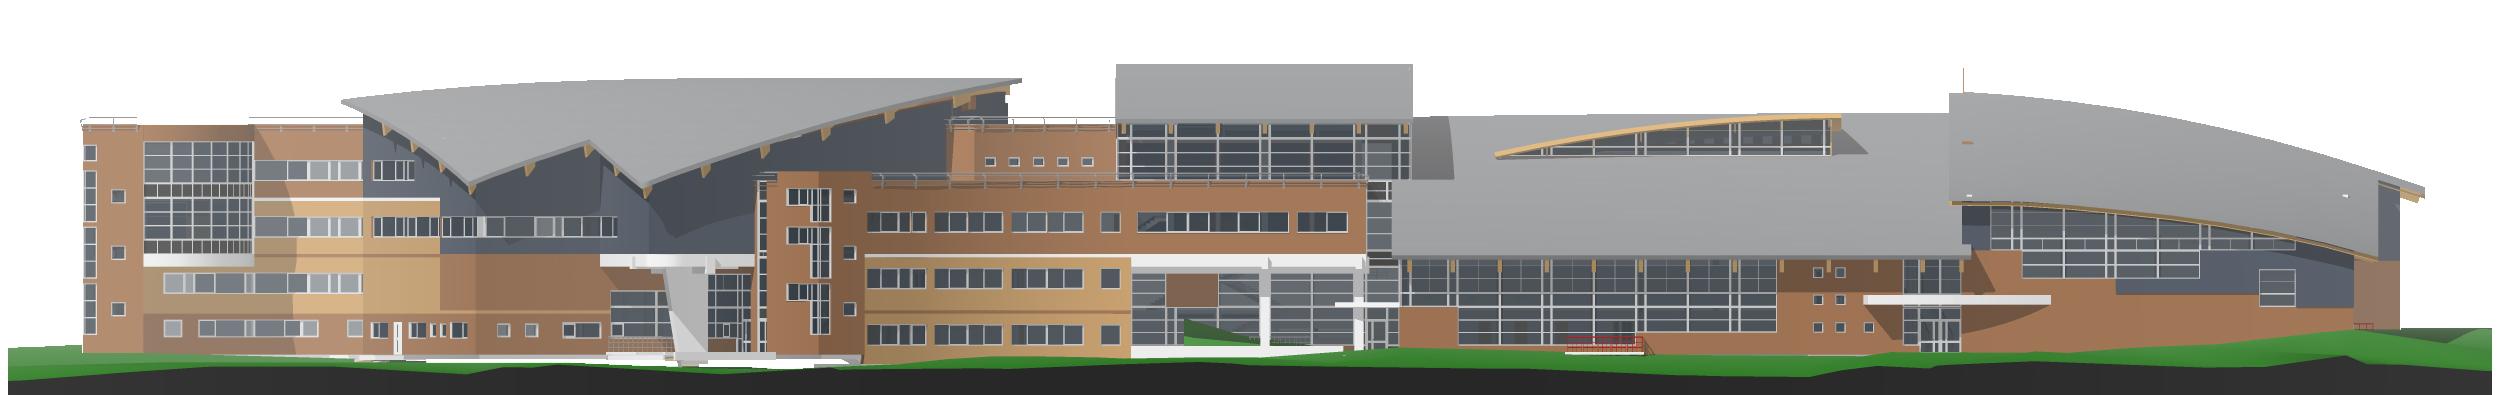 school-model-2a4-j2.jpg